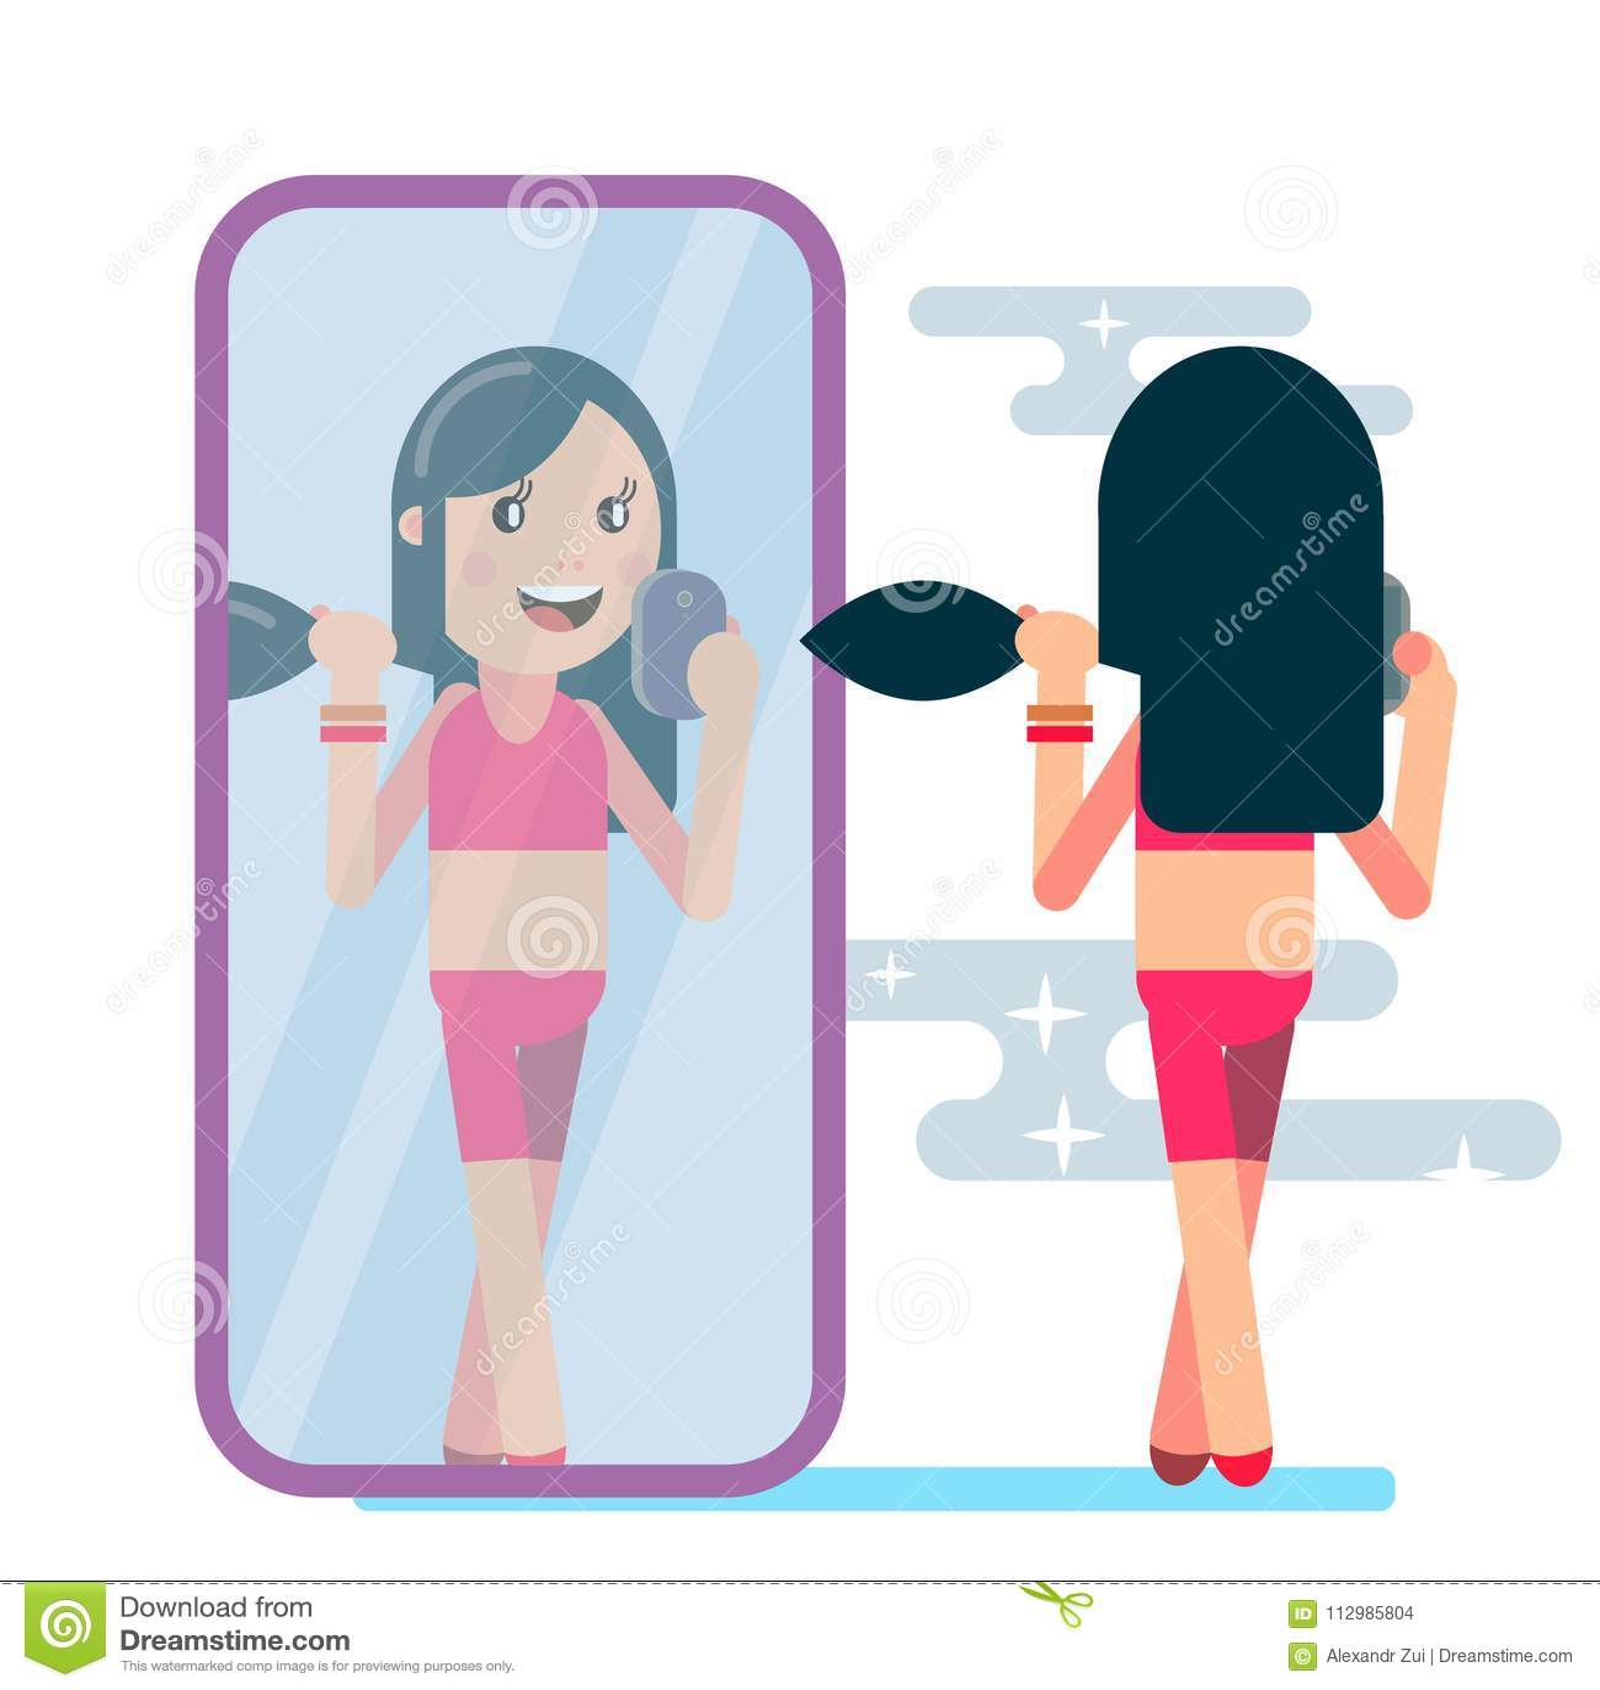 Girl is making selfie